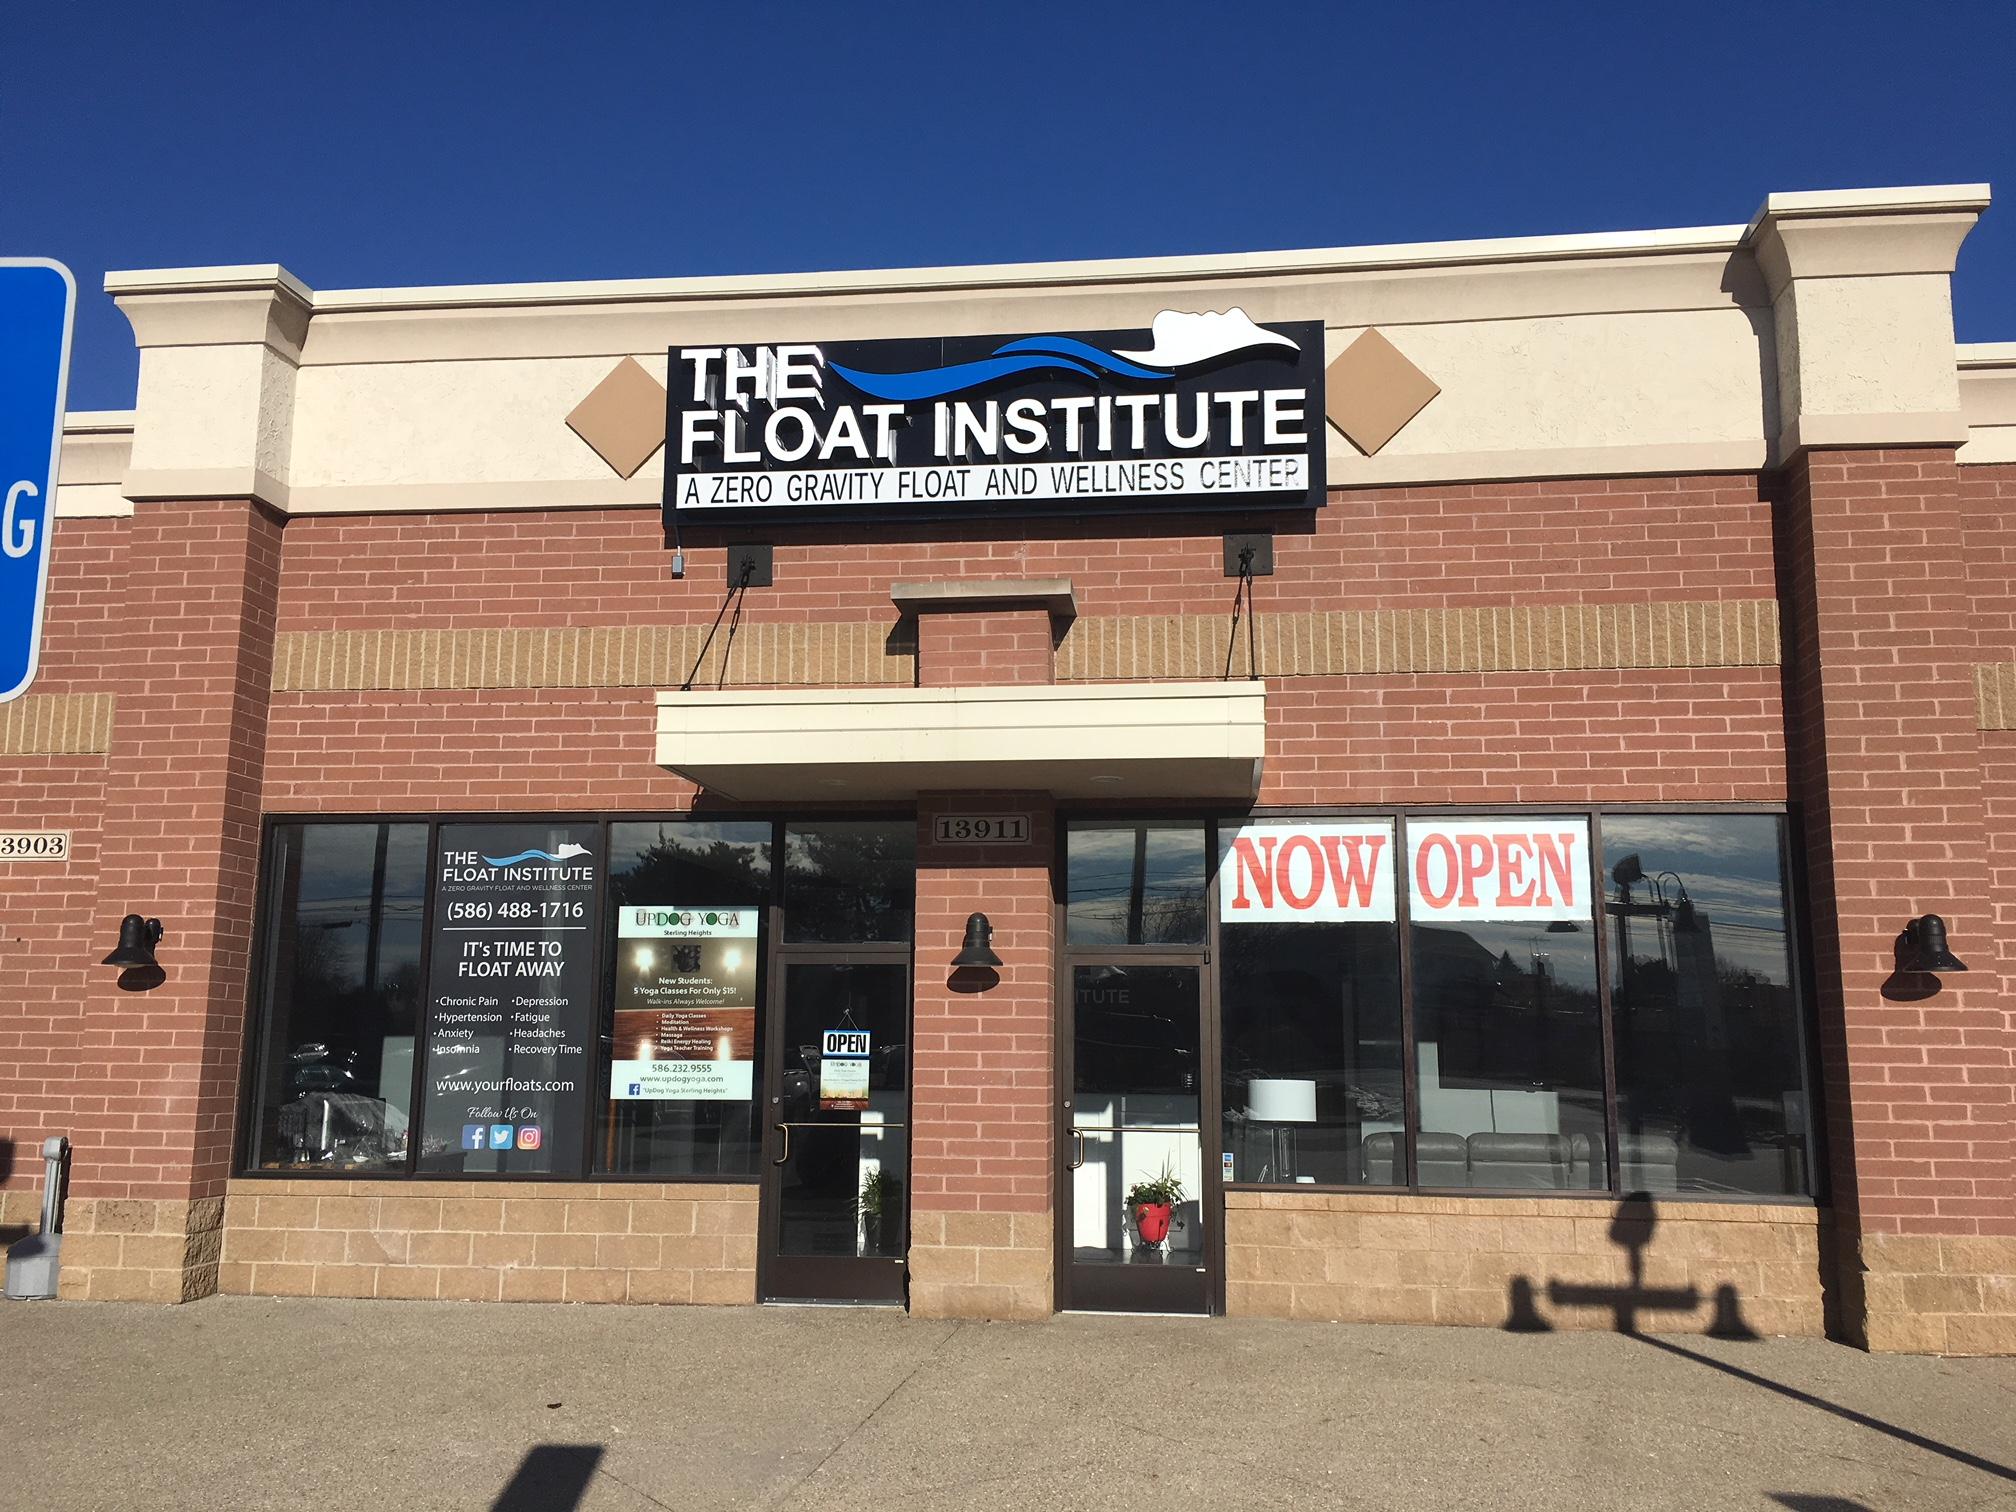 The Float Institute